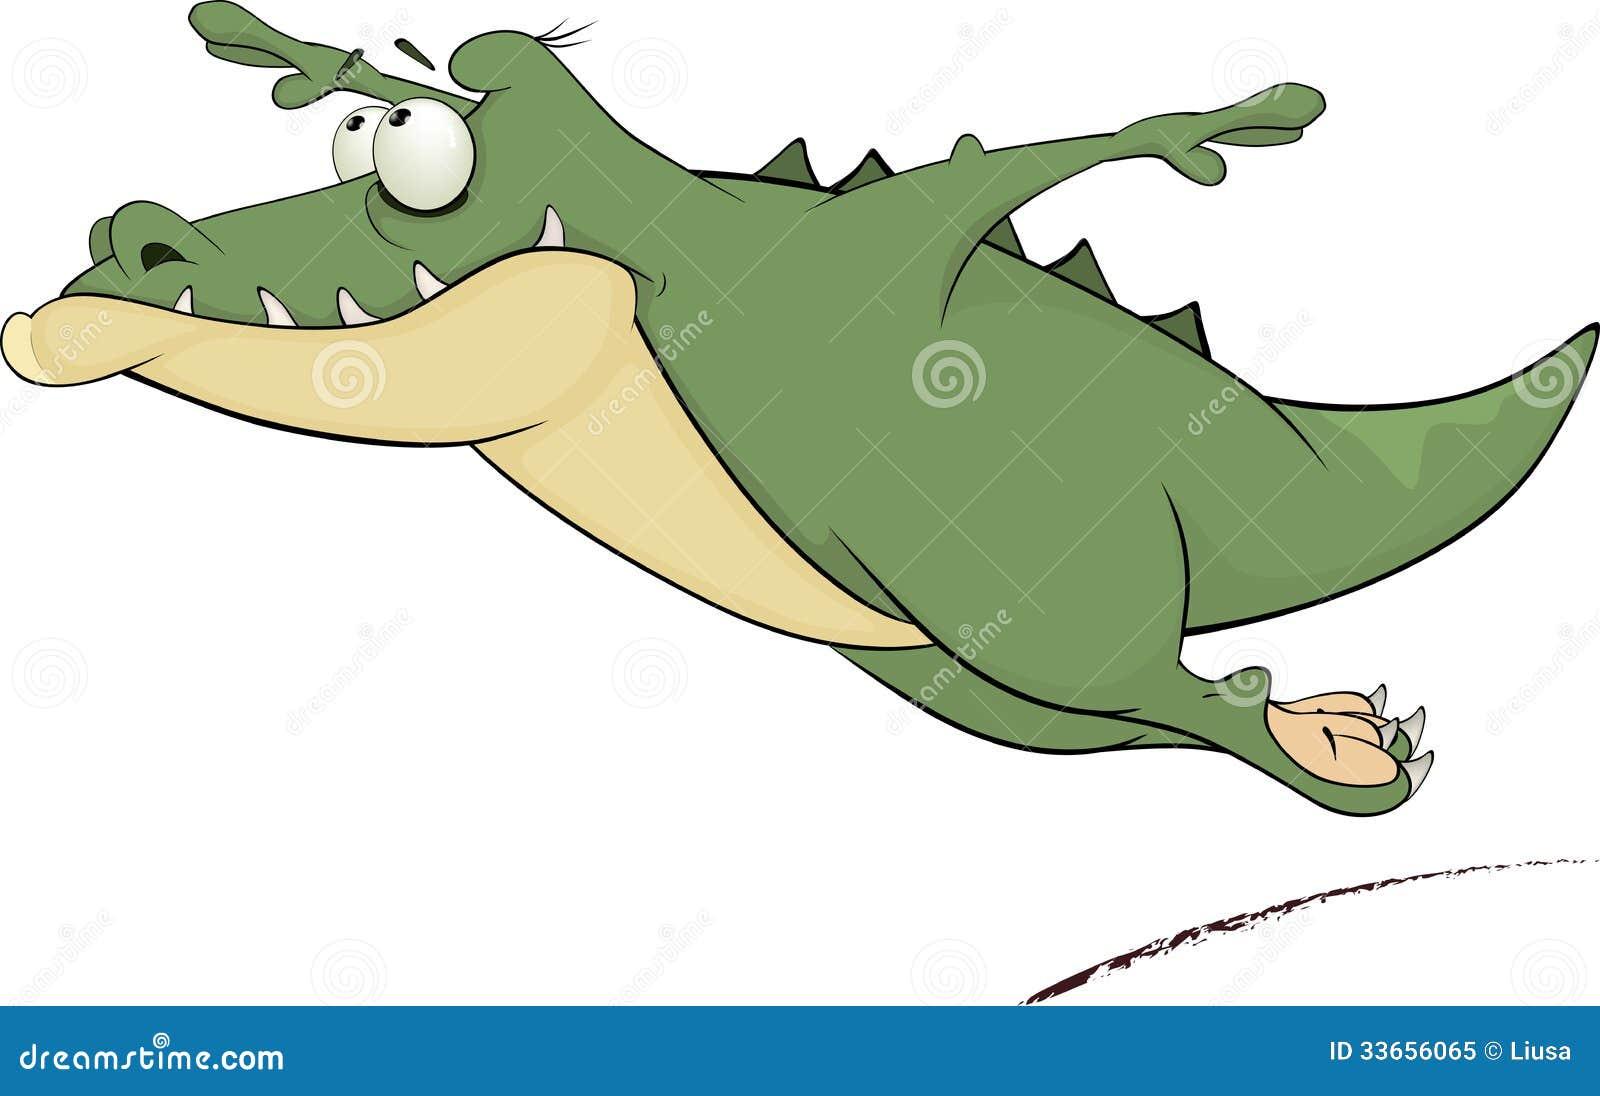 EStupidez dos estupidos com asas dos crocodilos voa baixinho Crocodilo-desenhos-animados-33656065